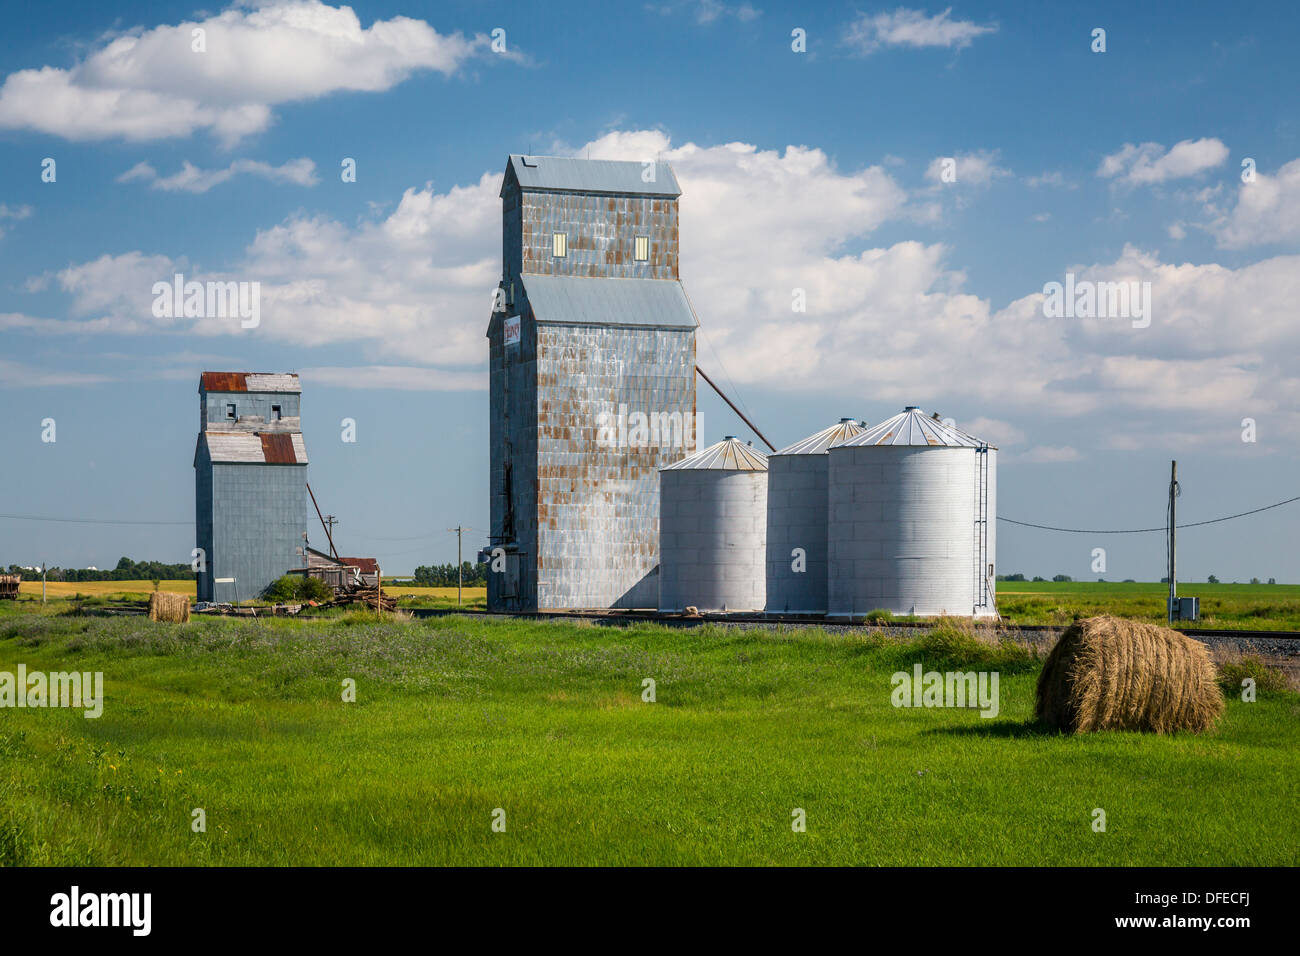 Two small grain elevators near Cole Harbor, North Dakota, USA. - Stock Image